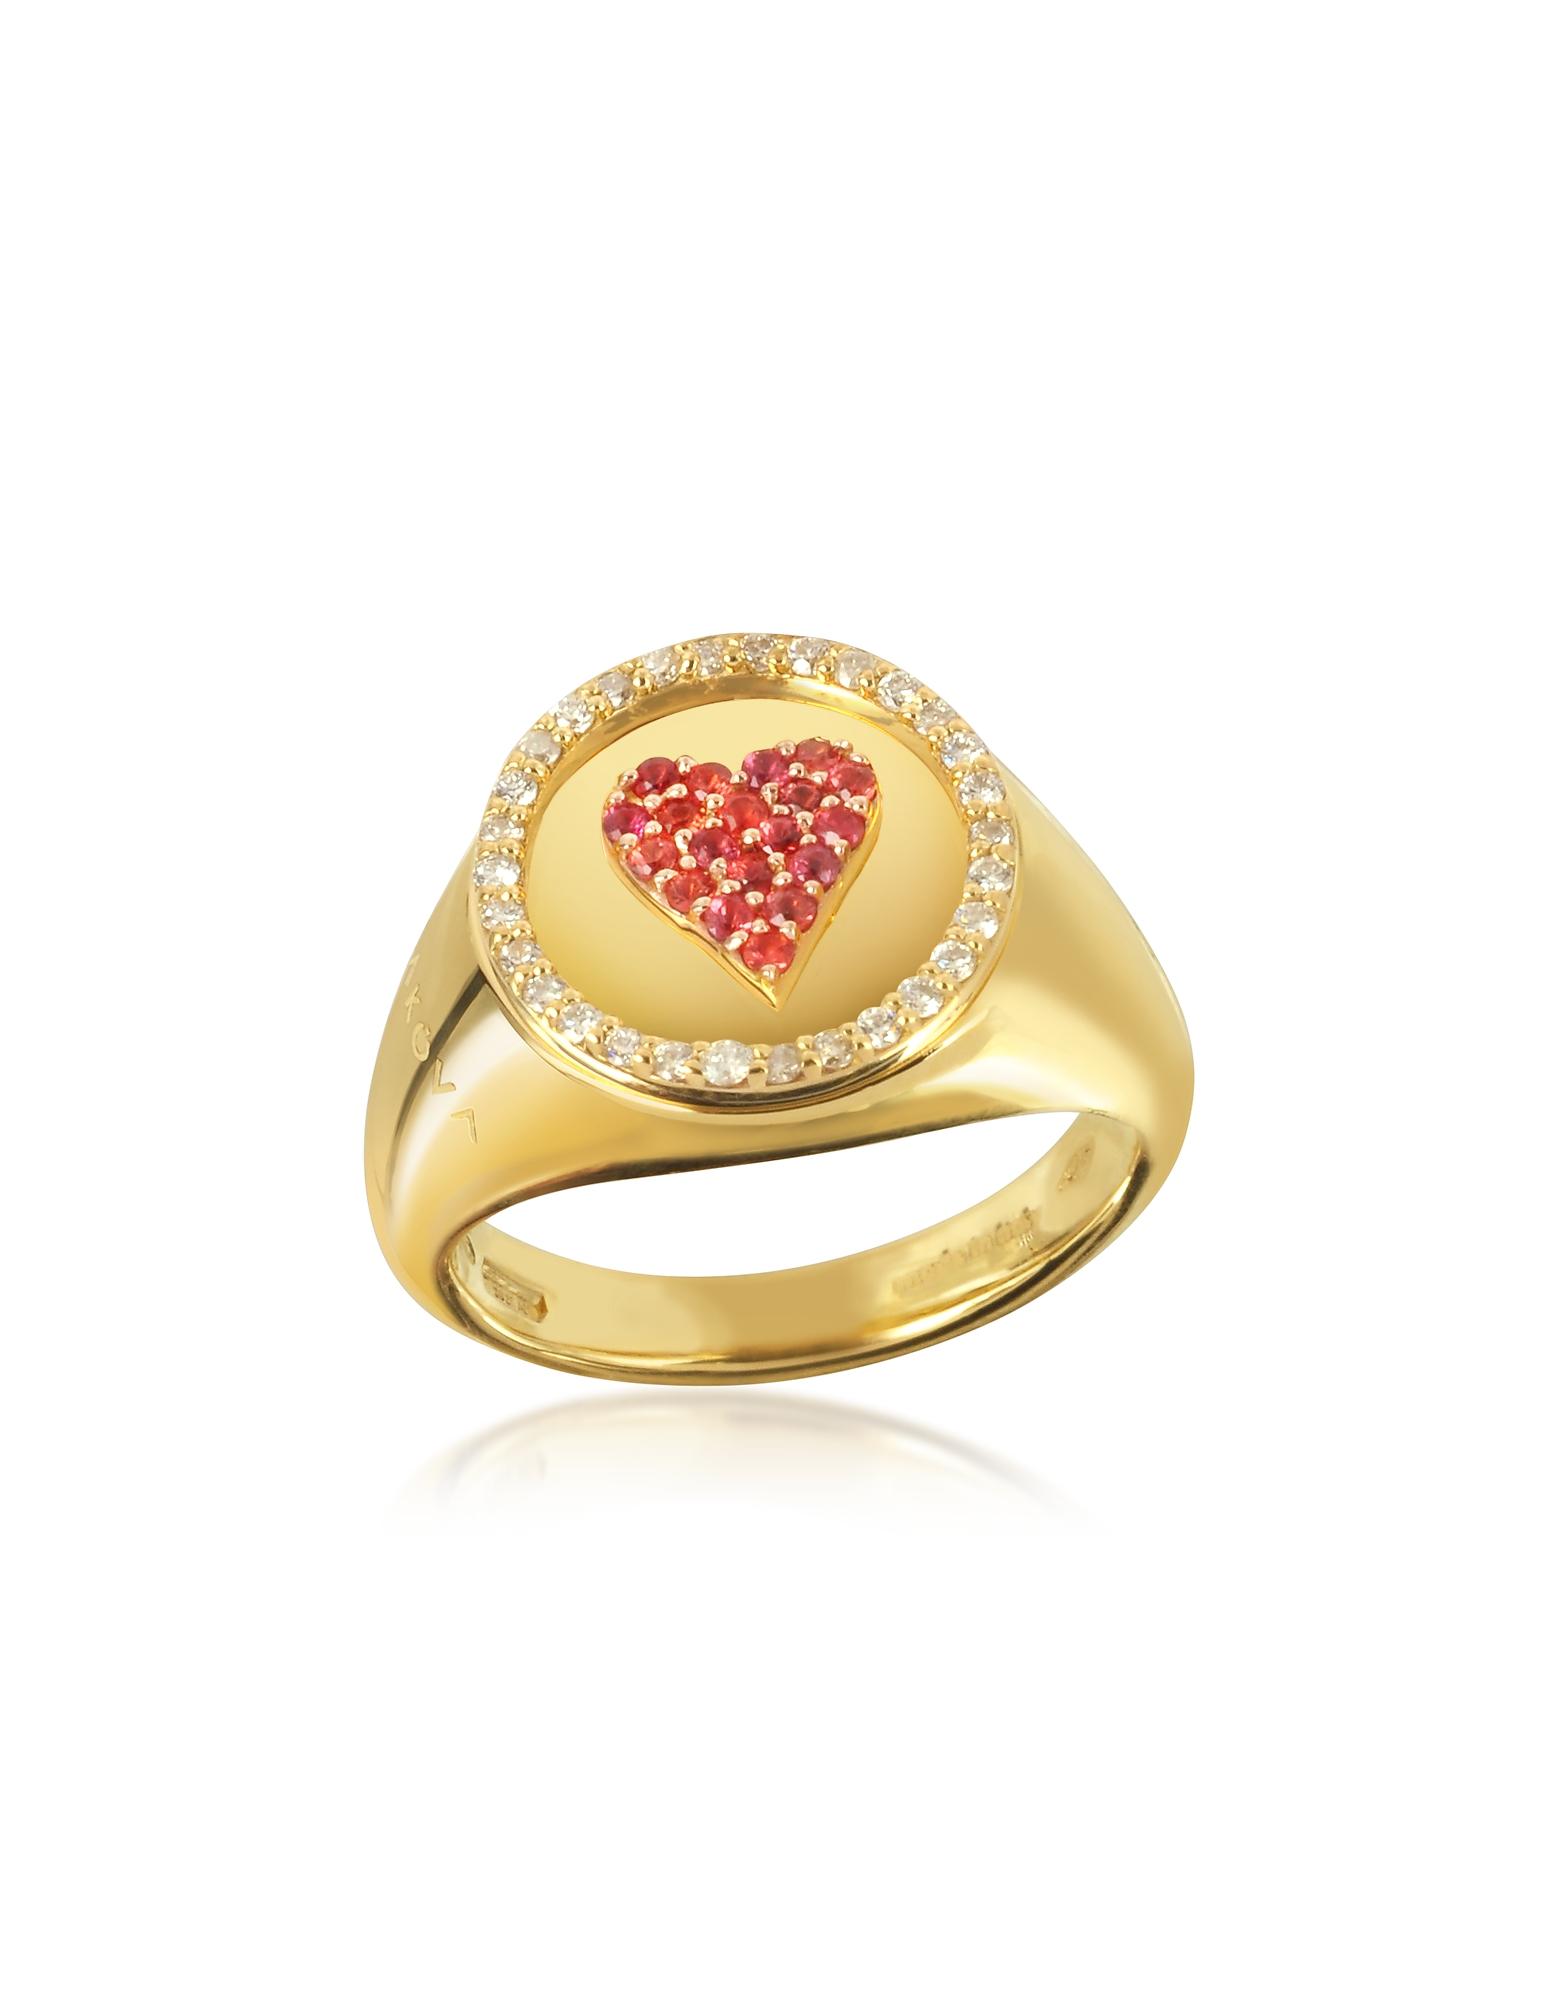 Queen of Heart Pinky - Кольцо из Желтого Золота 18 карат с Сапфирами 0.10 карата и Бриллиантами 0.15 карата